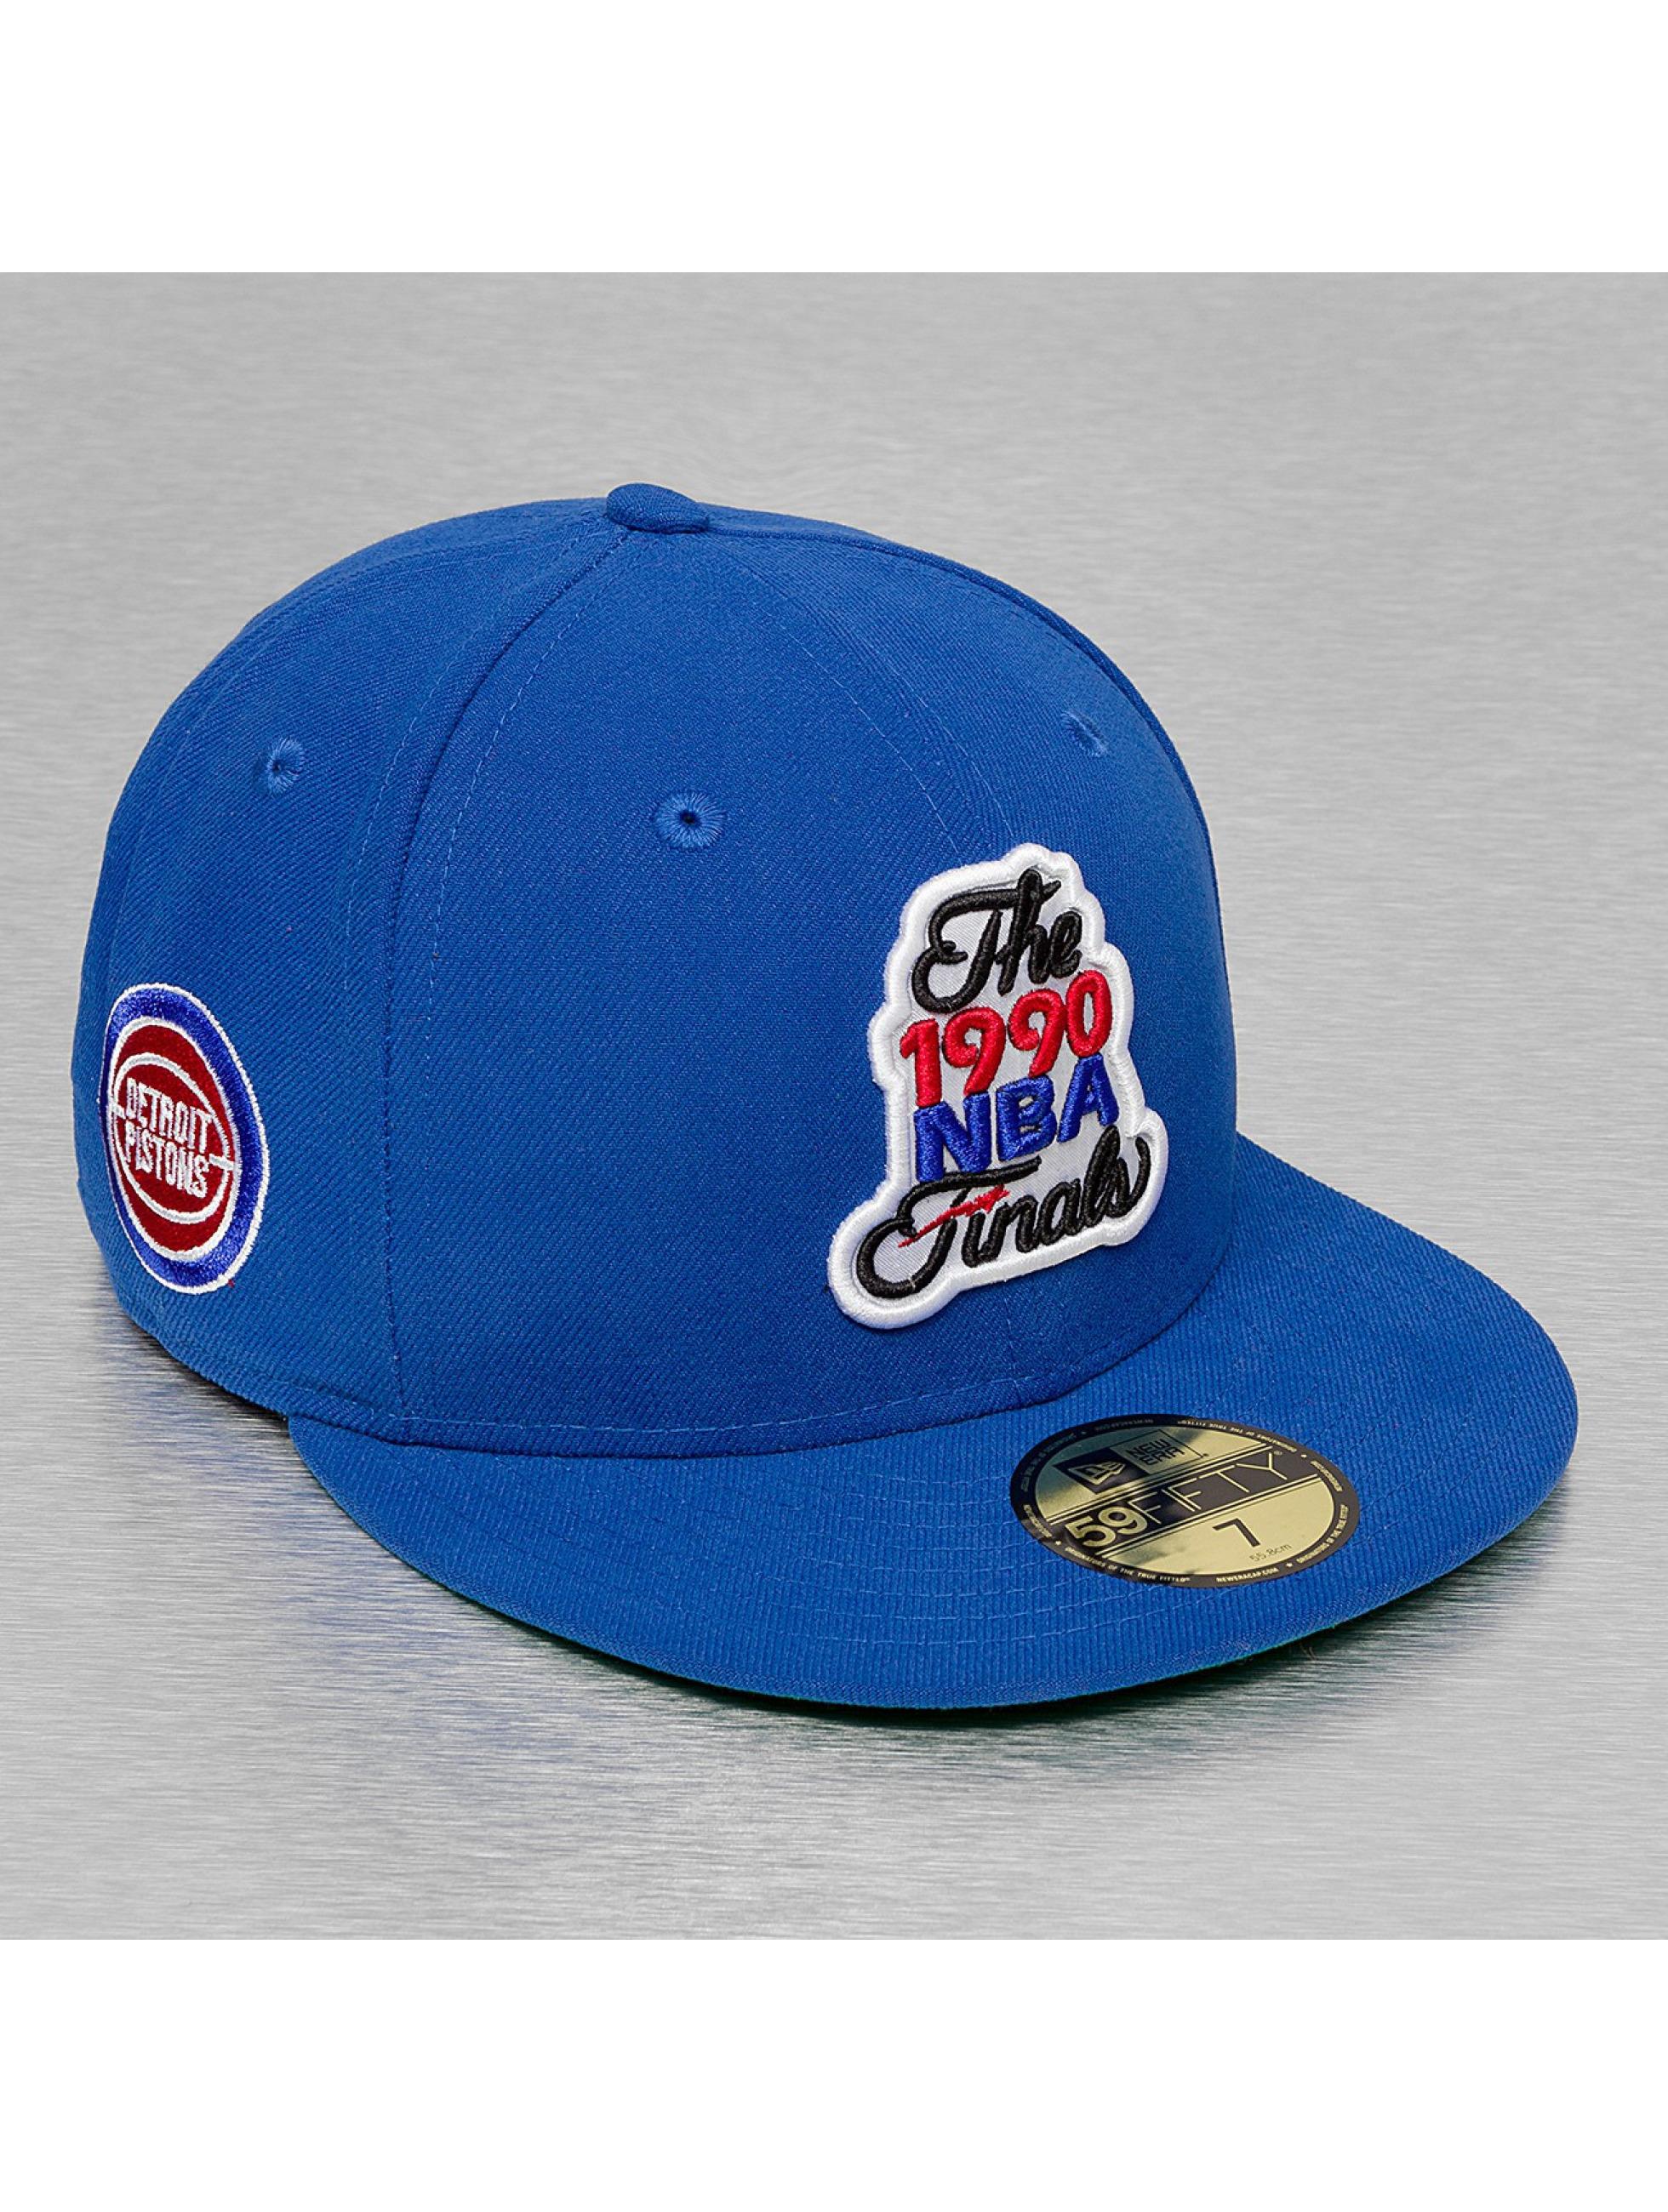 New Era Бейсболка NBA Champs Pack 1990 Detroit Pistons синий